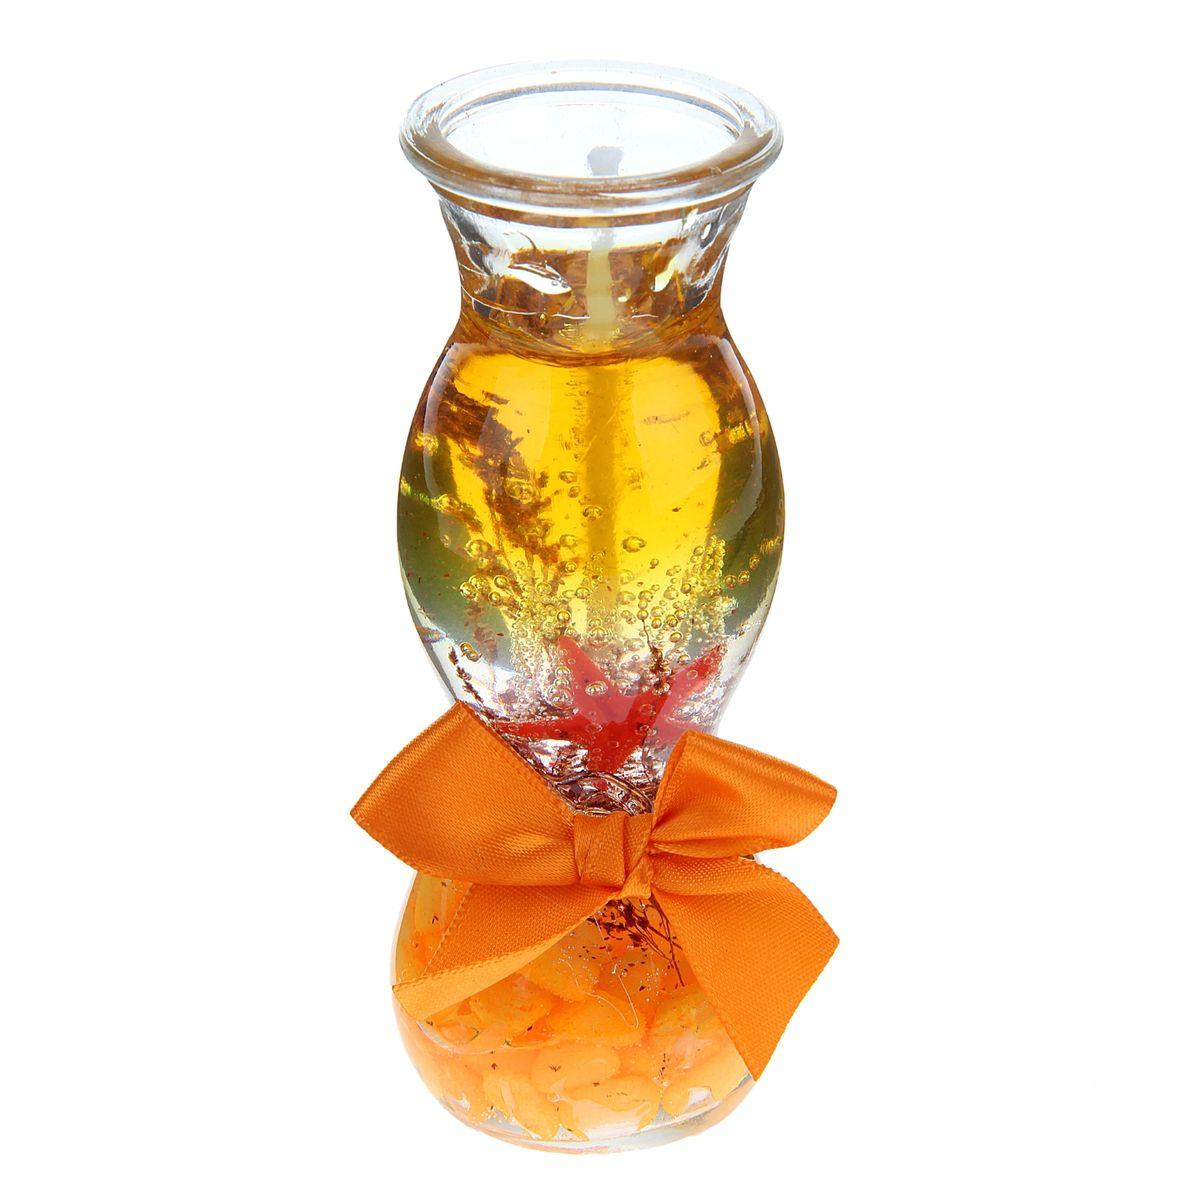 Свеча декоративная Sima-land Камушки, цвет: оранжевый, высота 11 смRG-D31SДекоративная свеча Sima-land Камушки изготовлена из геля и поставляется в подсвечнике в виде стеклянной вазочки оригинальной формы. Изделие оформлено камушками, морской звездой и текстильным бантом. Такая свеча может стать отличным подарком или дополнить интерьер вашей комнаты.